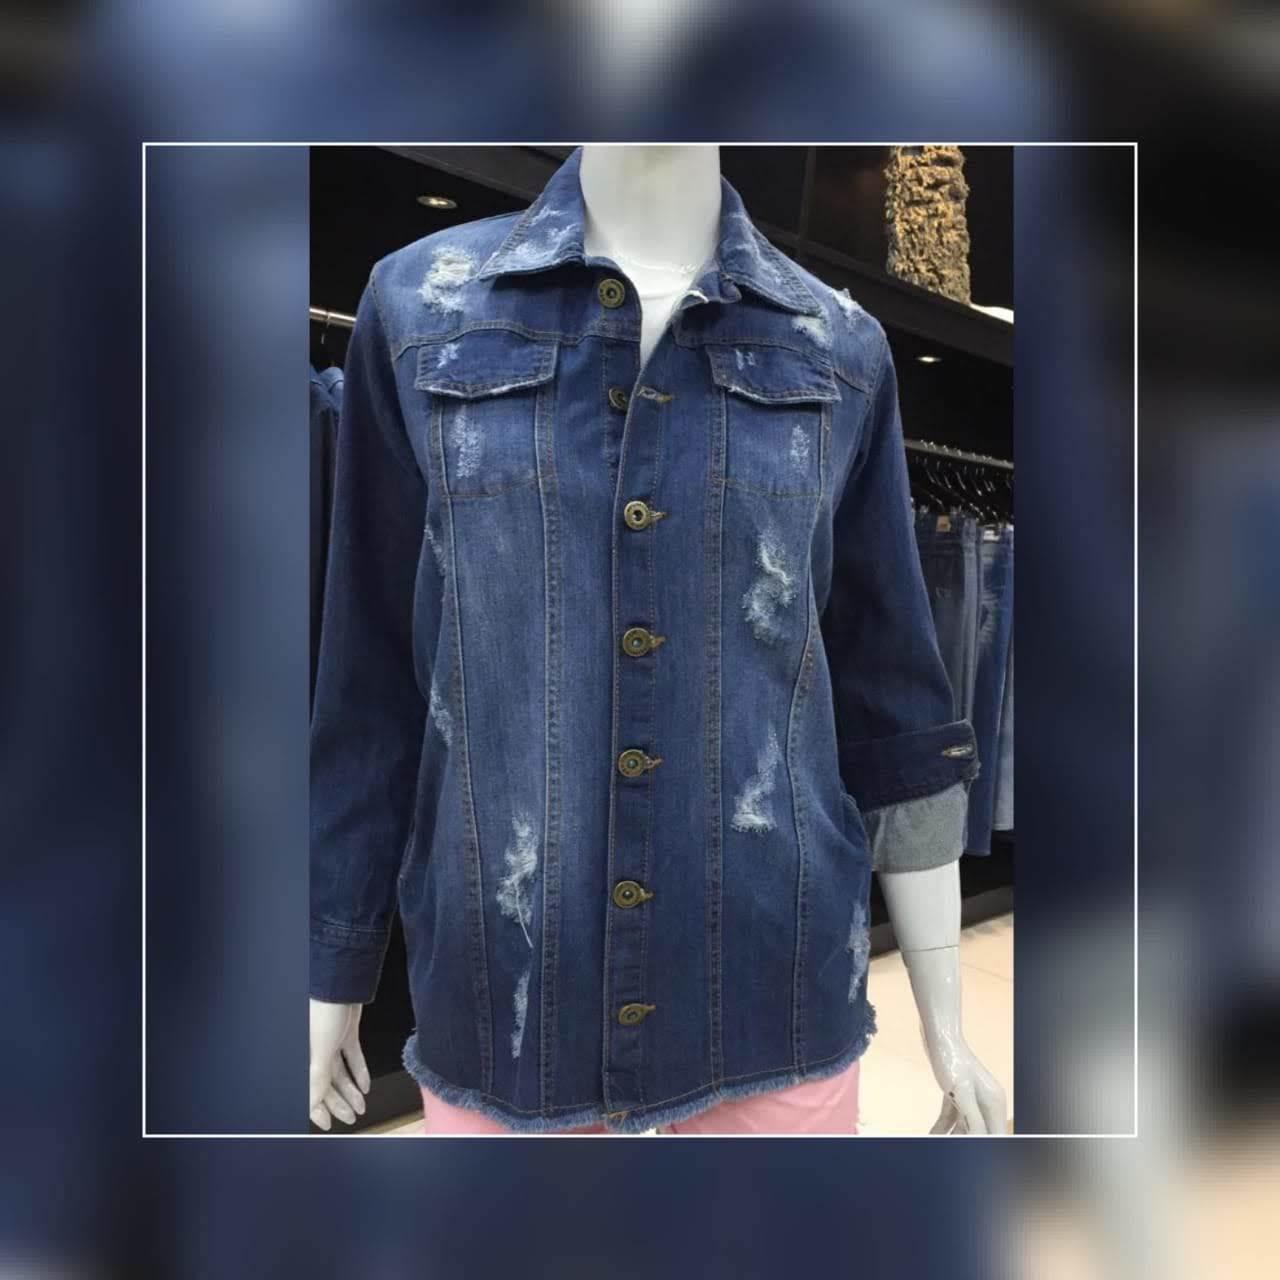 Jaqueta Jeans Longa Feminina (7004)